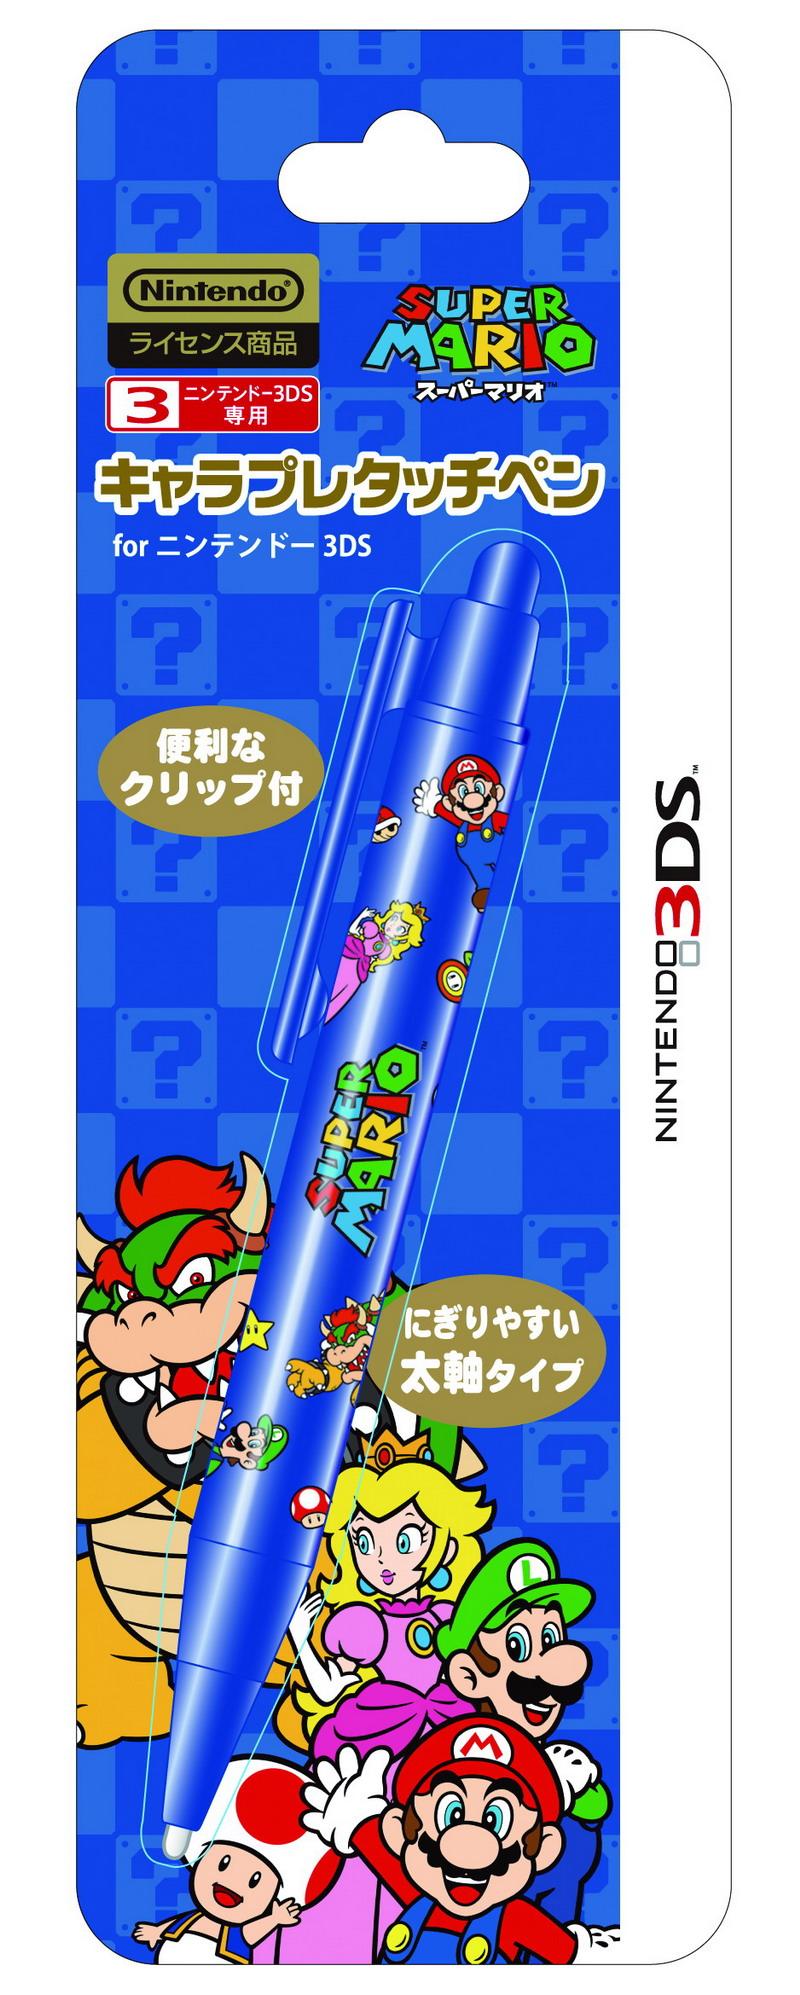 [3DS 周邊] 3DS 觸控筆瑪利歐 藍色 公司貨